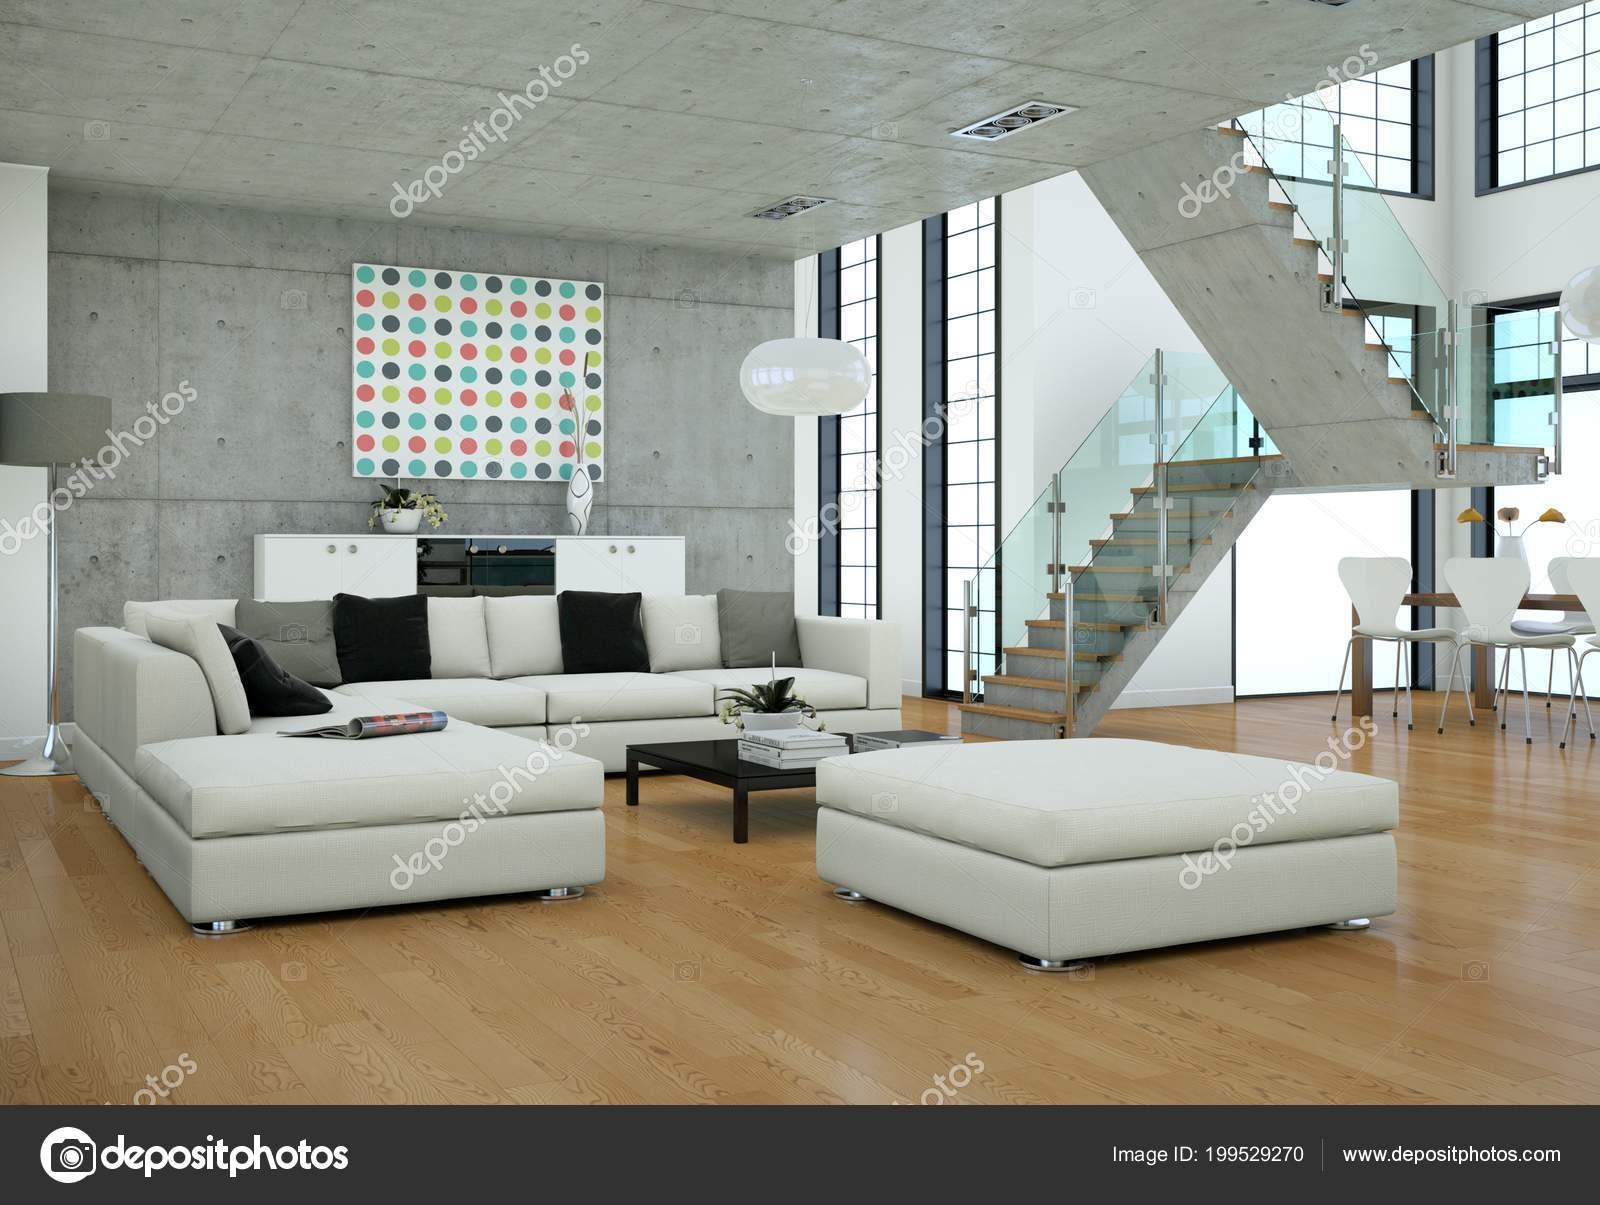 Design de interiores apartamento minimalista com sof s e for Design minimalista